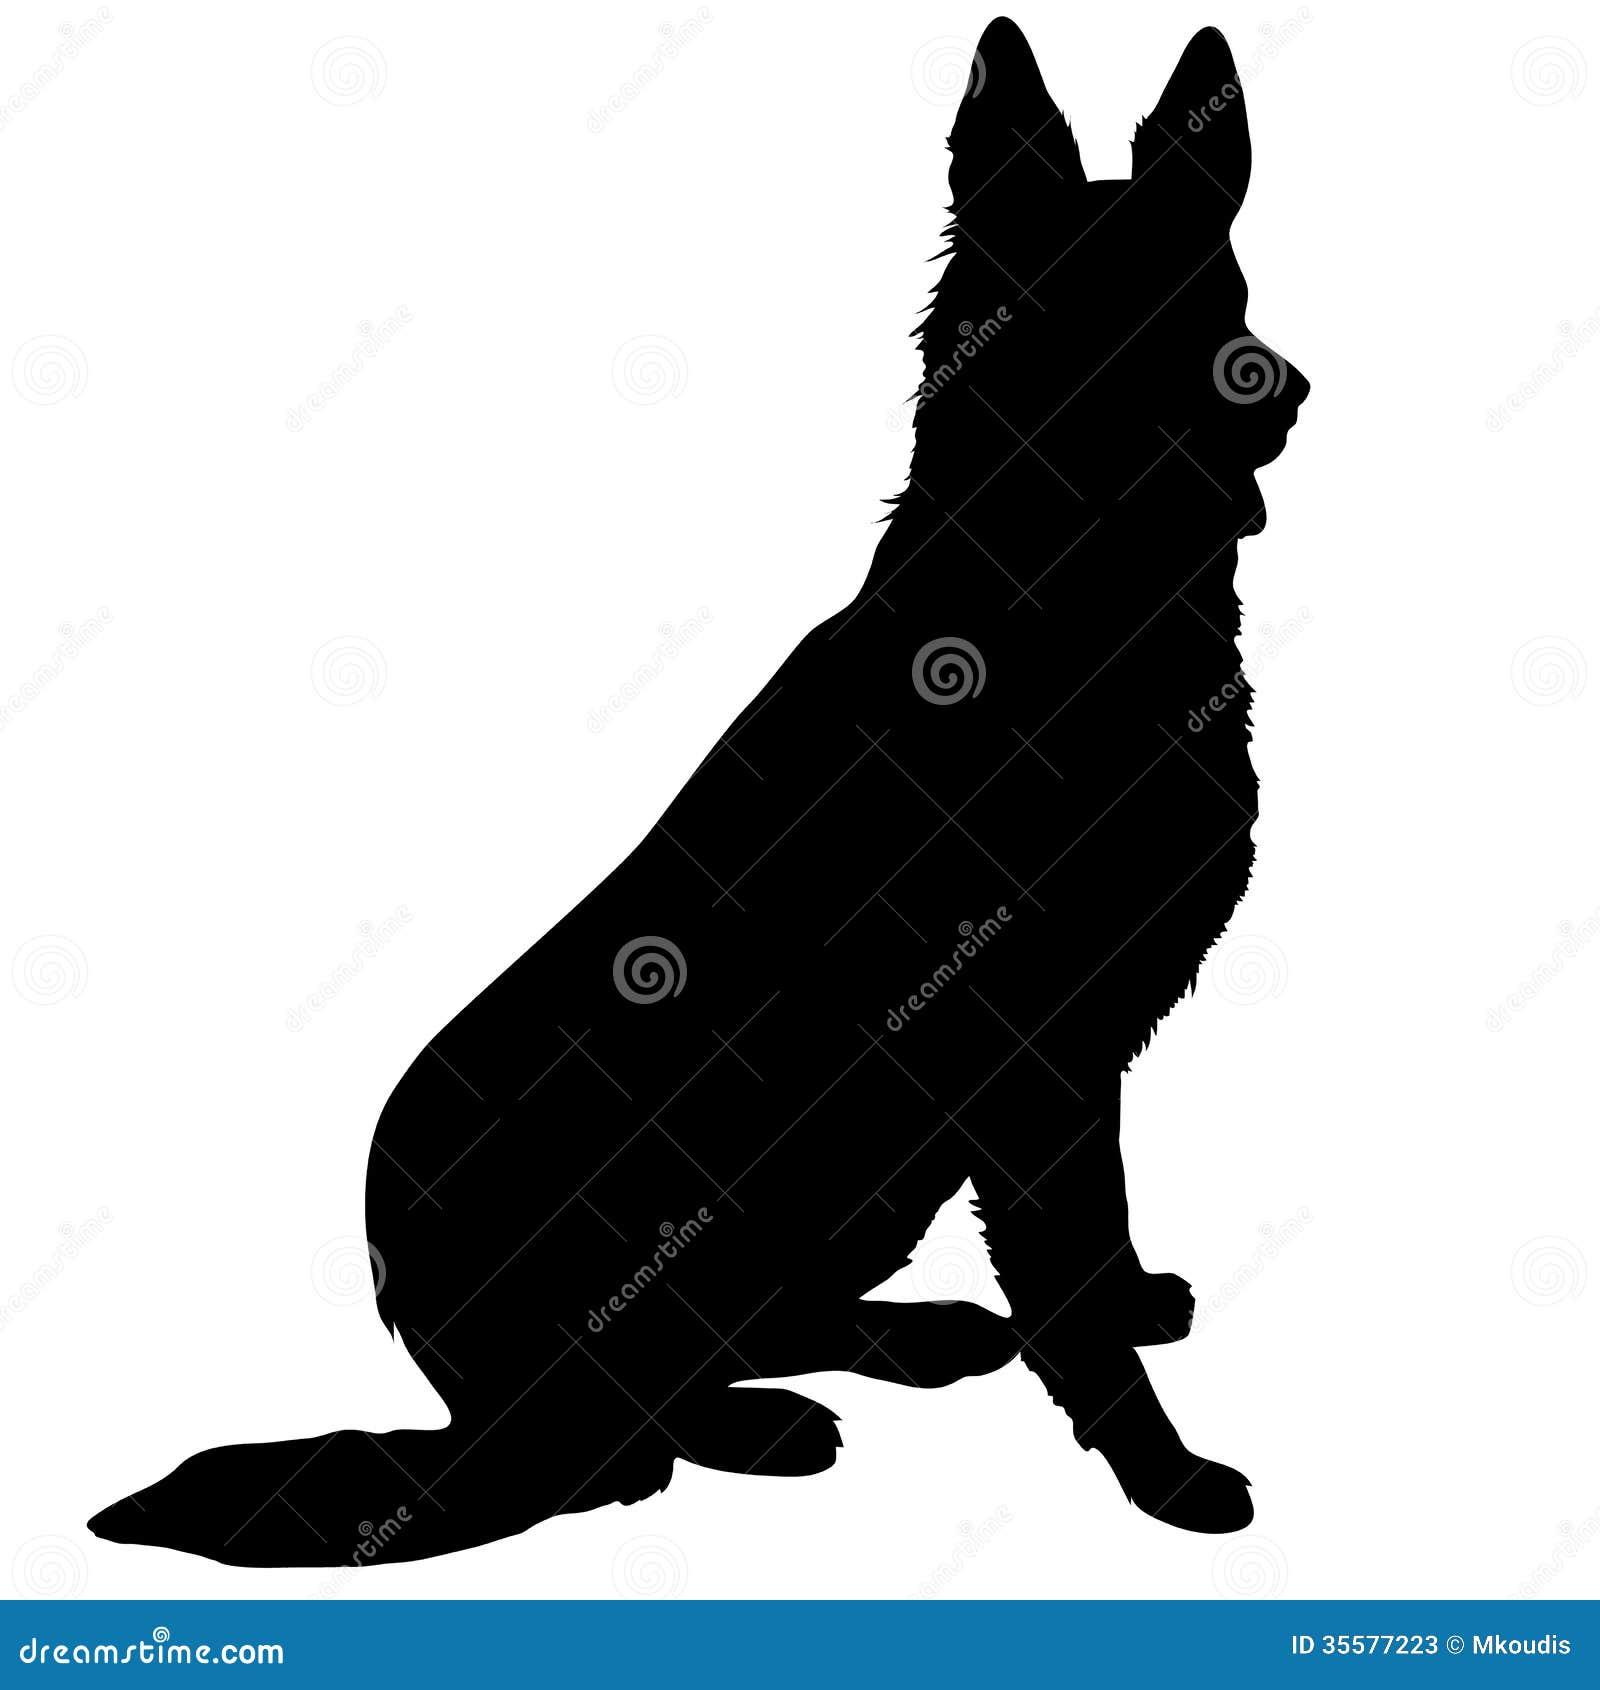 German Shepherd Silhouette Stock Photos - Image: 35577223